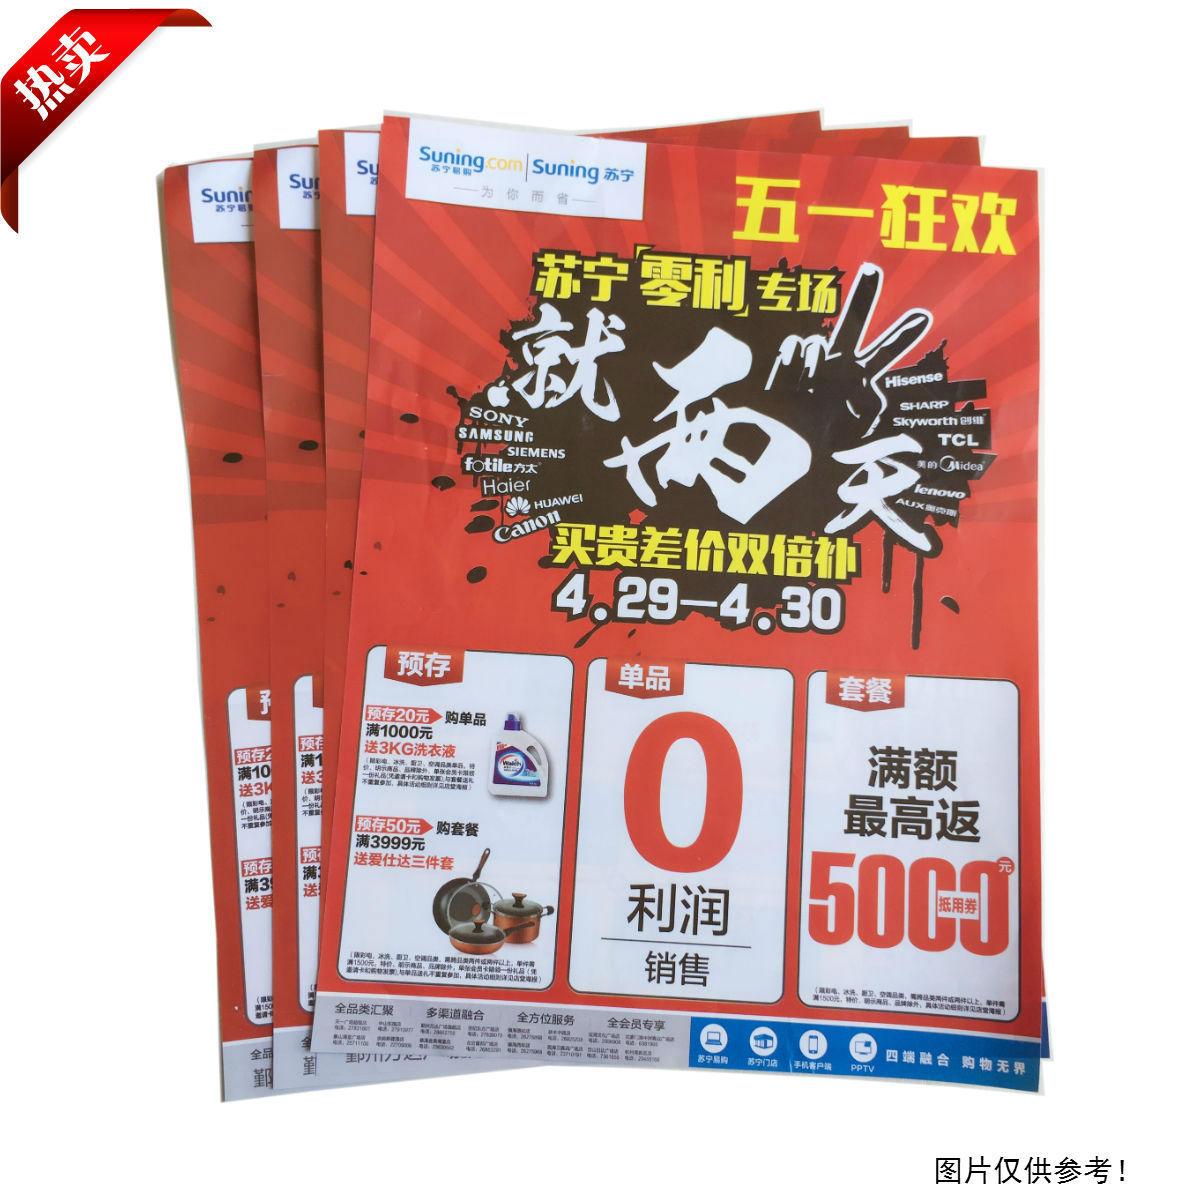 宁波宣传单印制画册印刷双面彩页制作广告dm单页三折页说明书定制